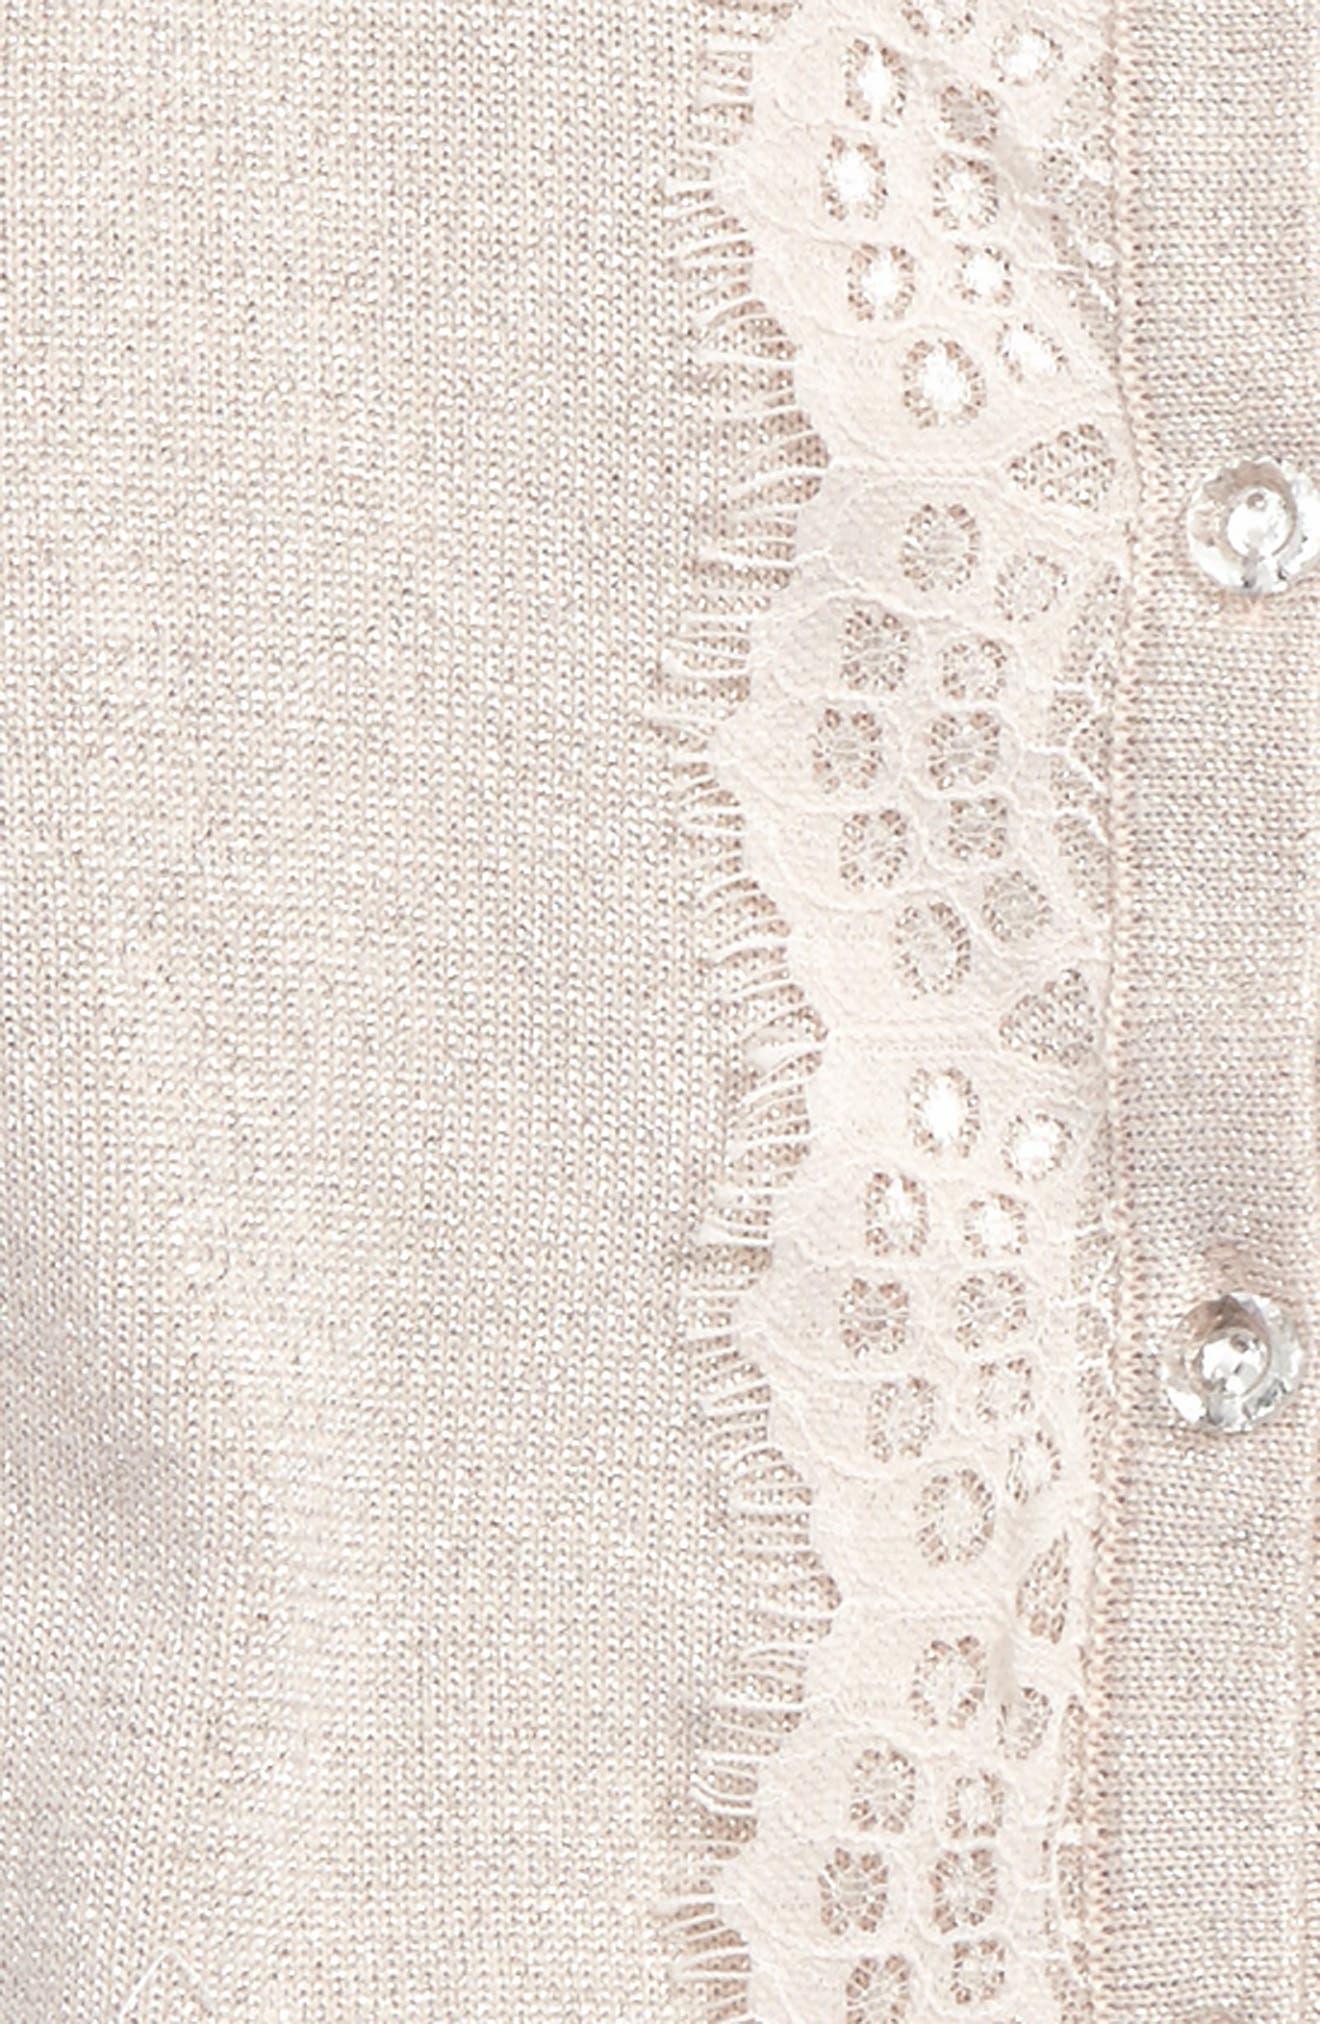 Lace Trim Cardigan,                             Alternate thumbnail 2, color,                             695